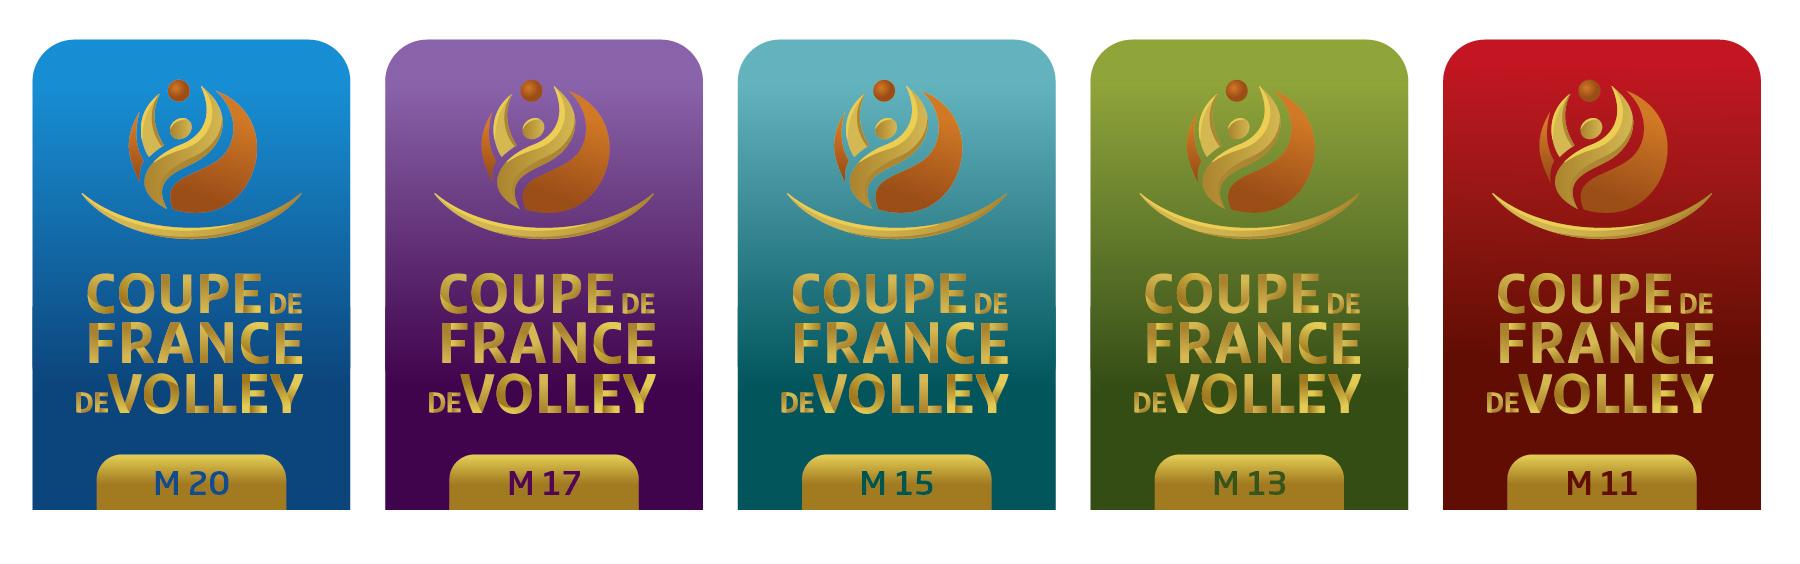 Gamme des logos coupe de France de volley par catégories jeunes